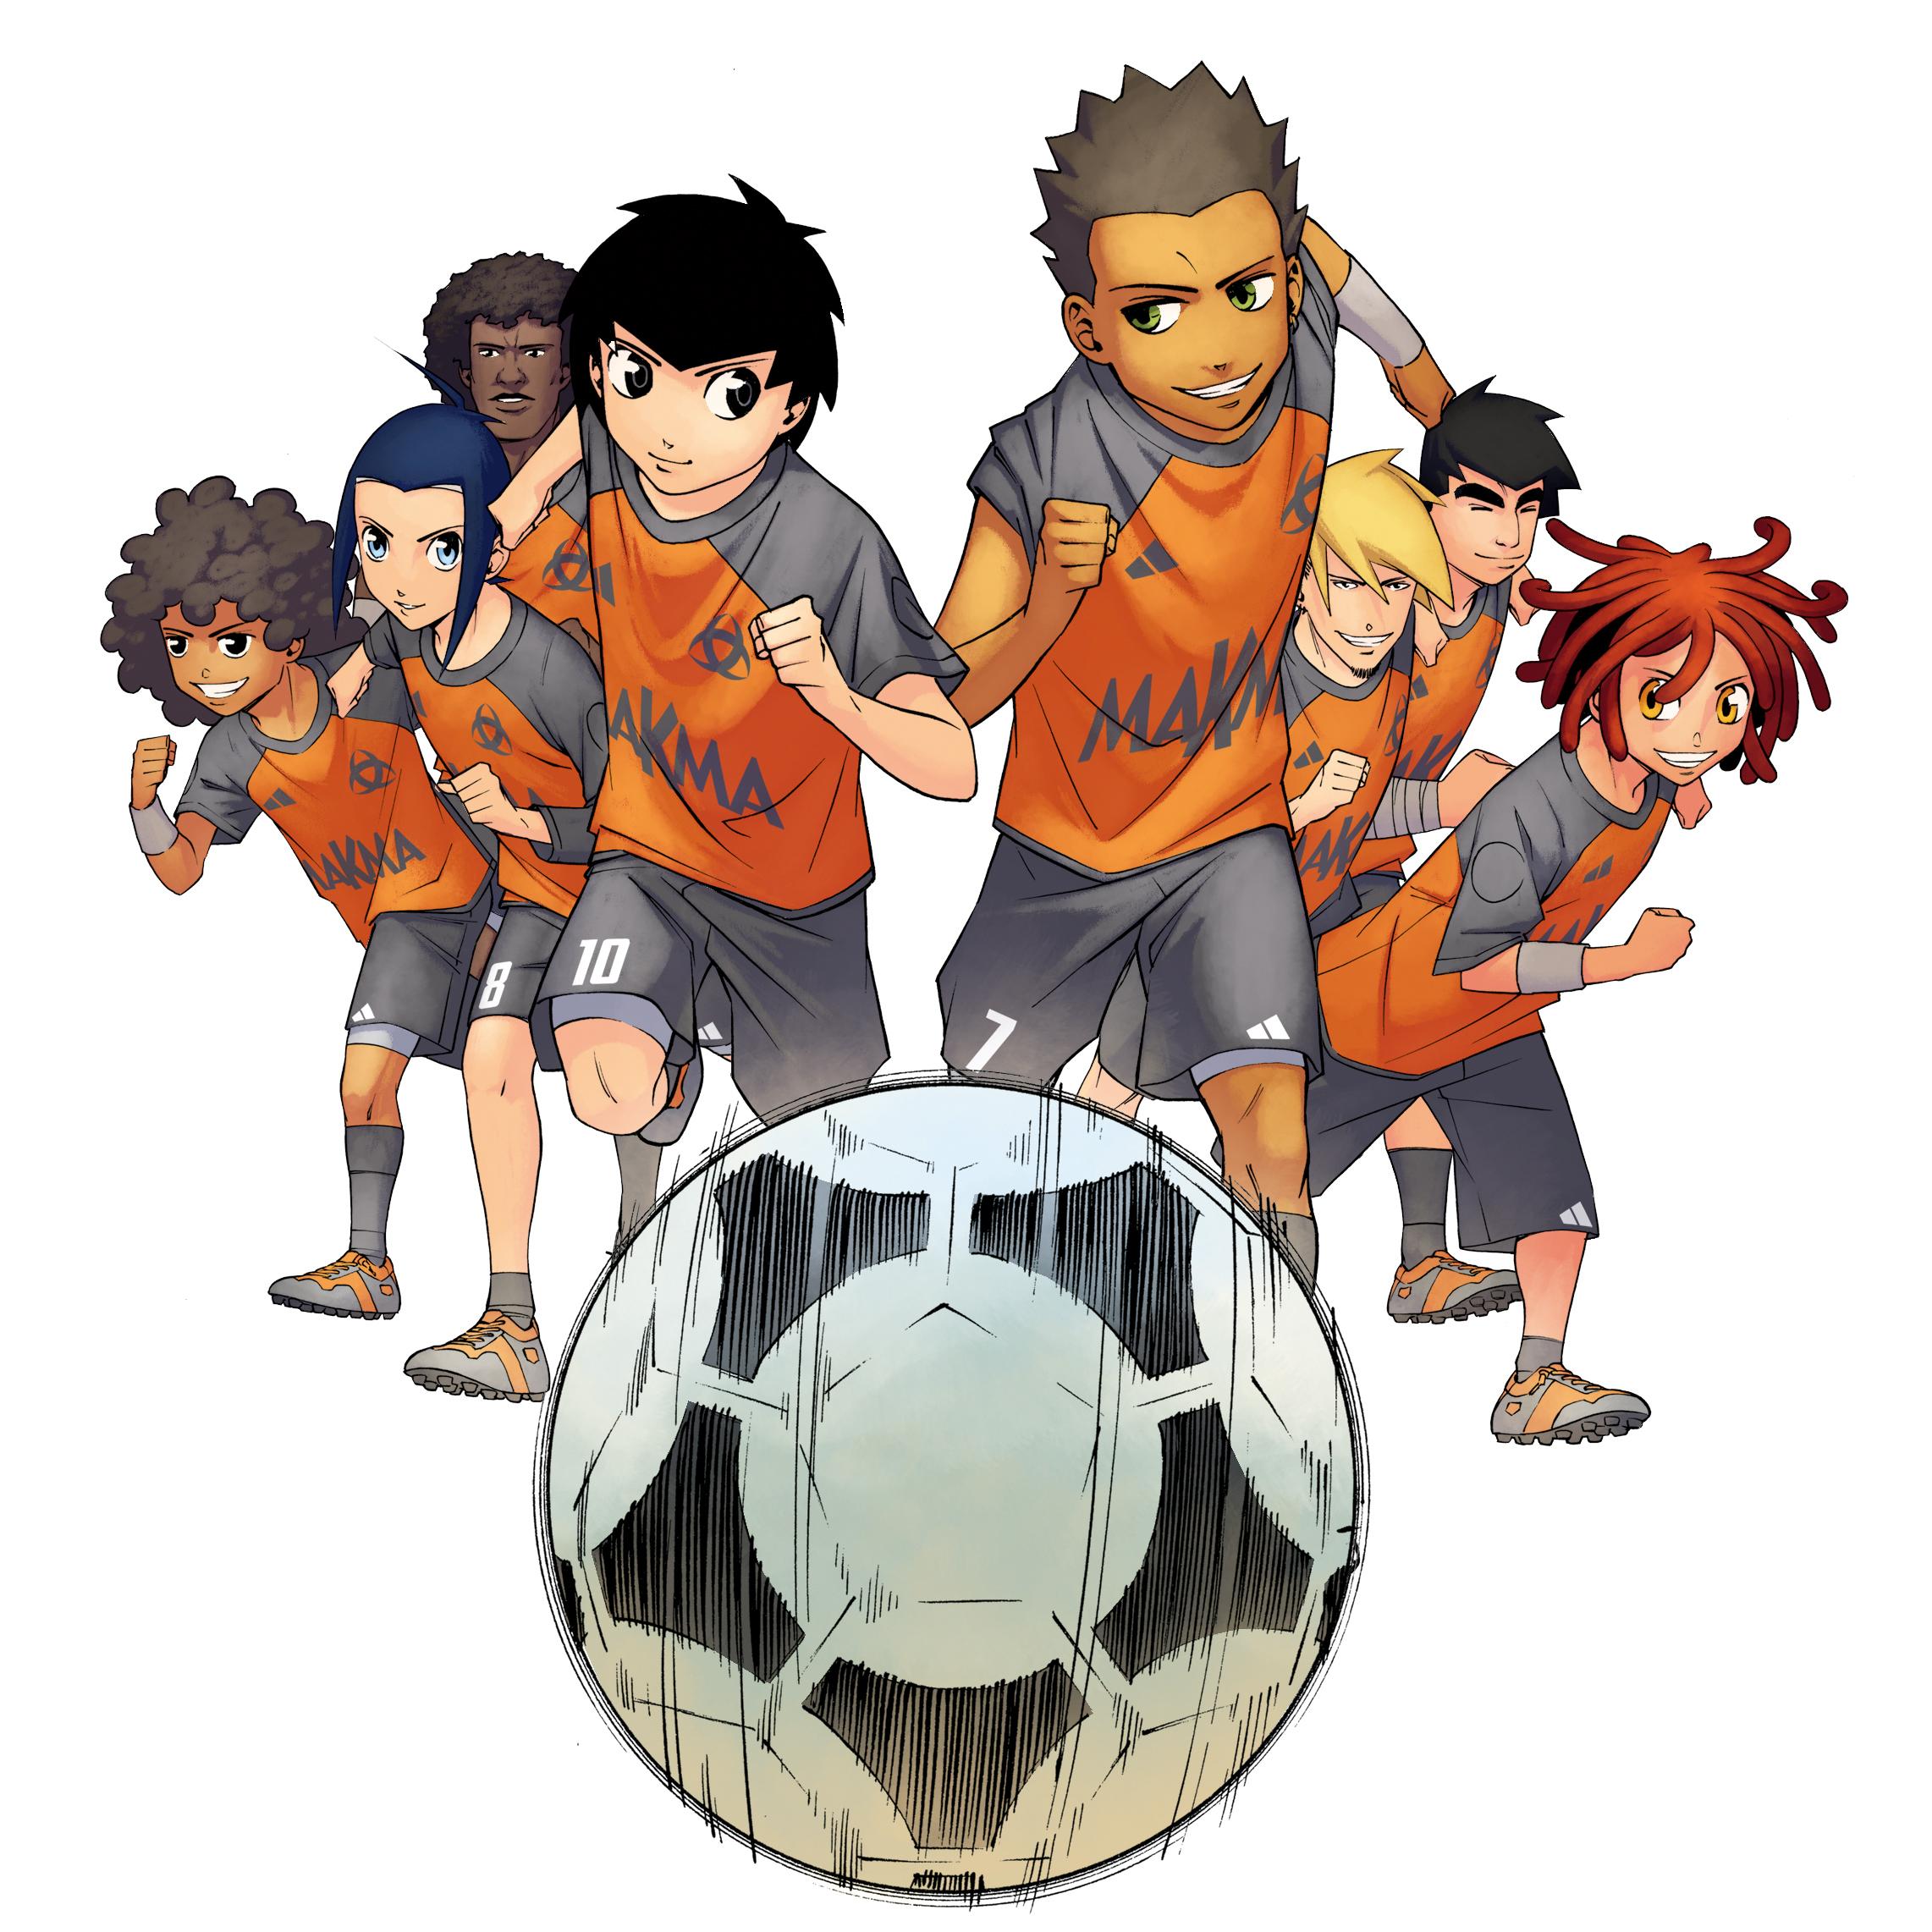 L'équipe Z : un shōnen manga de foot dont l'action se déroule en France, à Bordeaux !